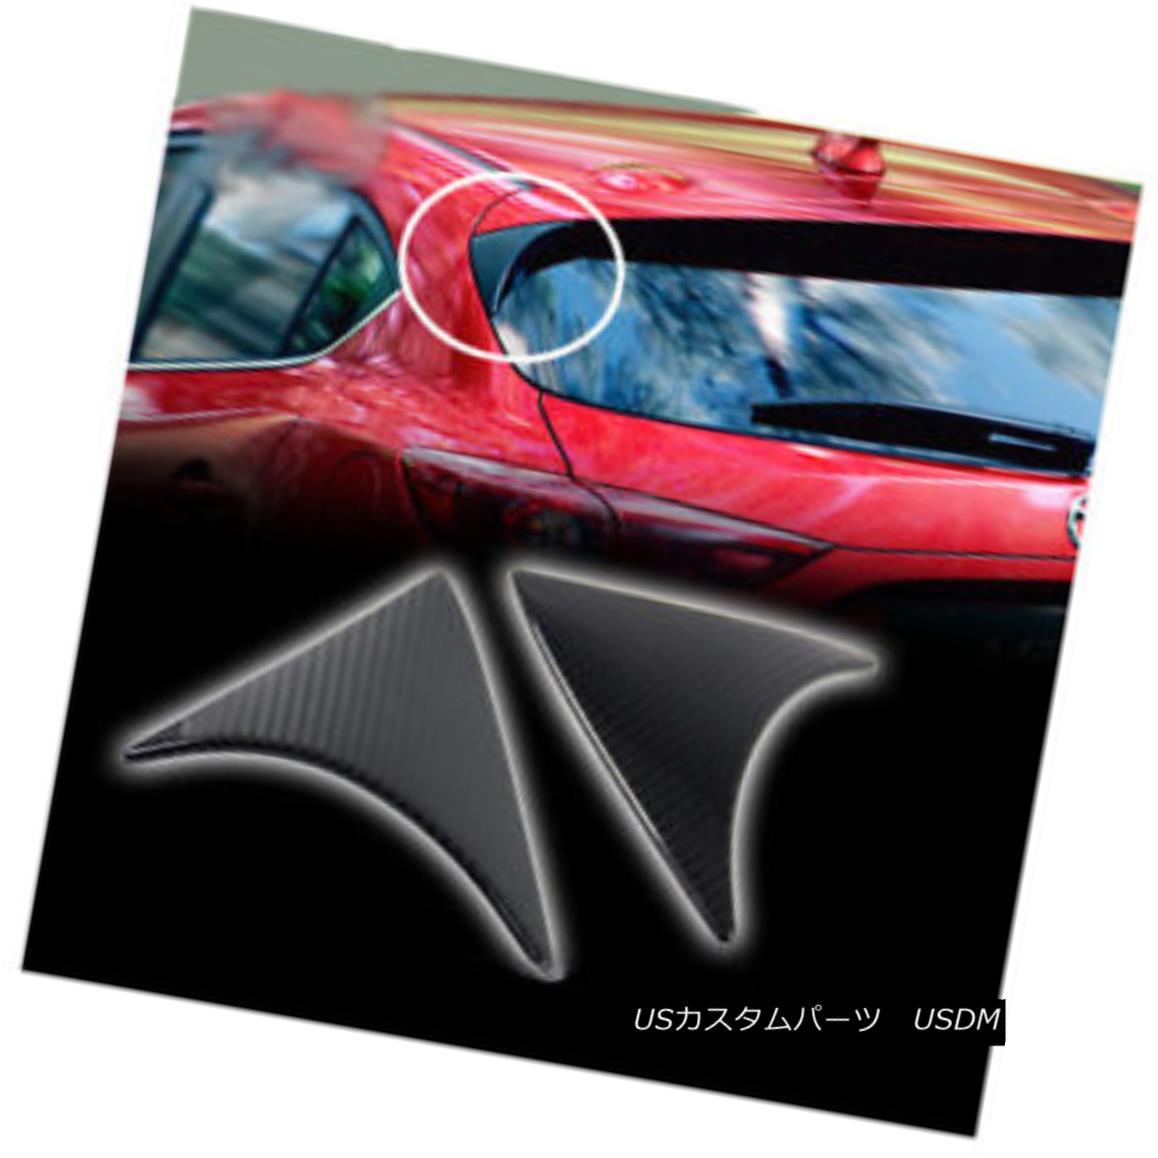 エアロパーツ Carbon Side Triangle Cover Trim Cap For Mazda 3 5DR 14 15 16 External マツダ3用カーボンサイドトライアングルカバートリムキャップ5DR 14 15 16外部